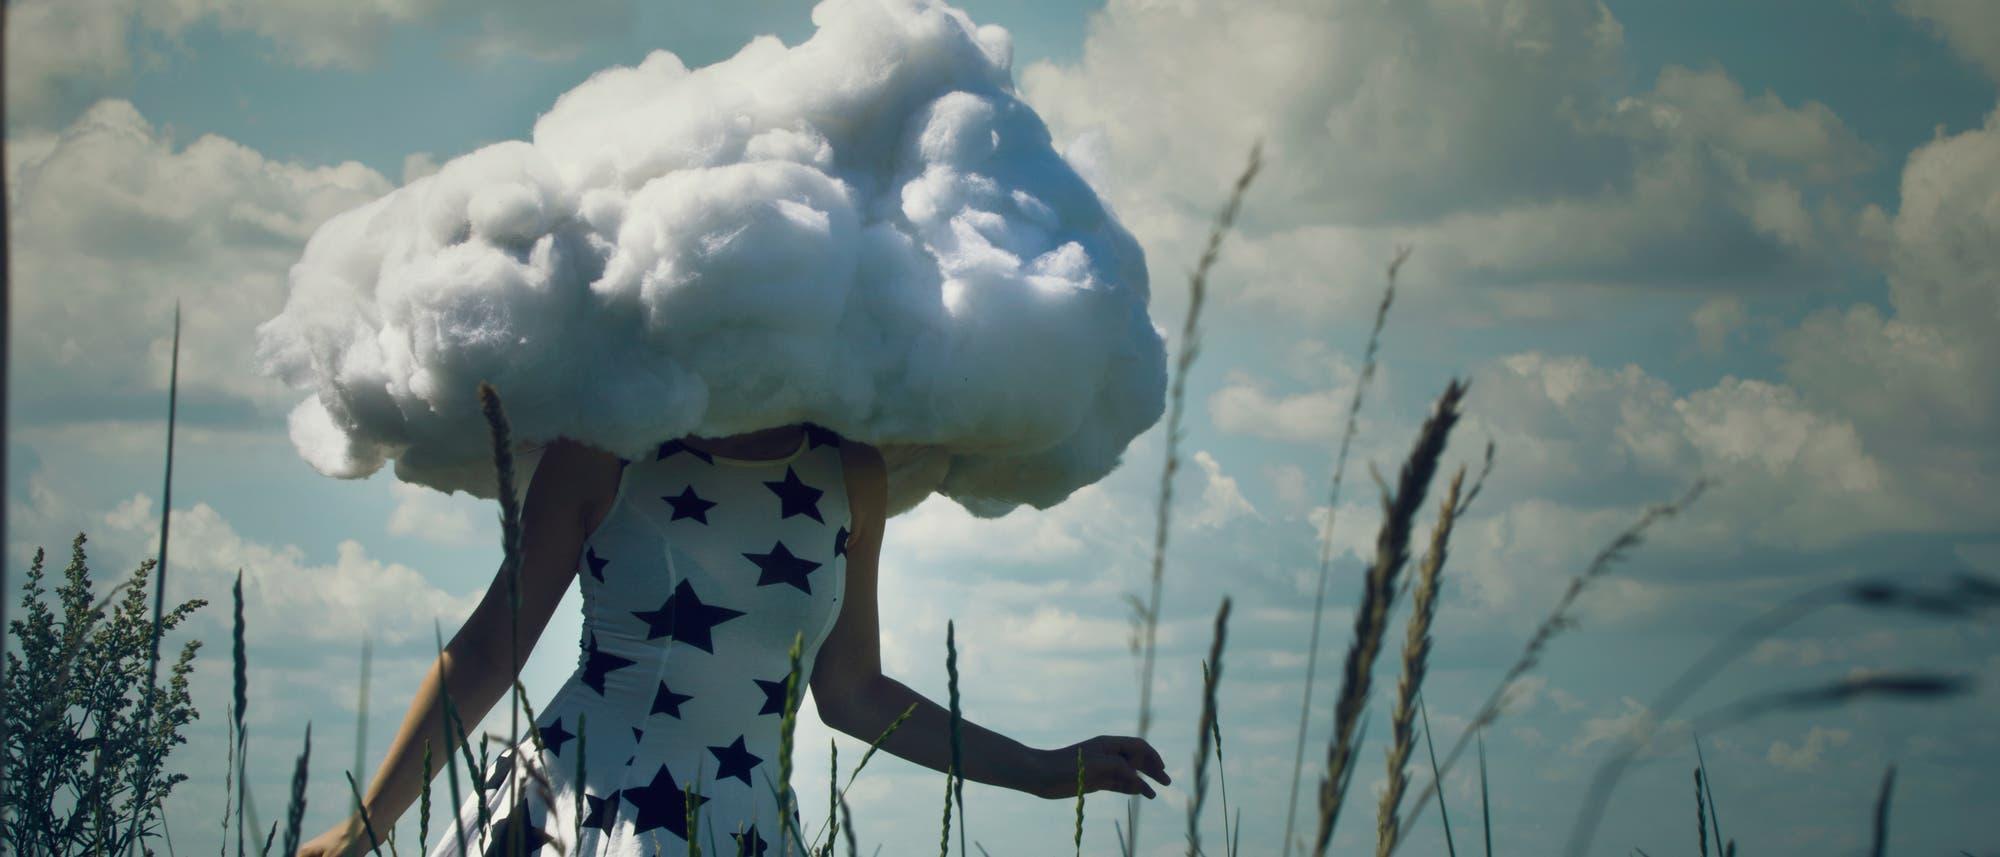 Eine Frau mit Wolkenkopf läuft durch ein Feld